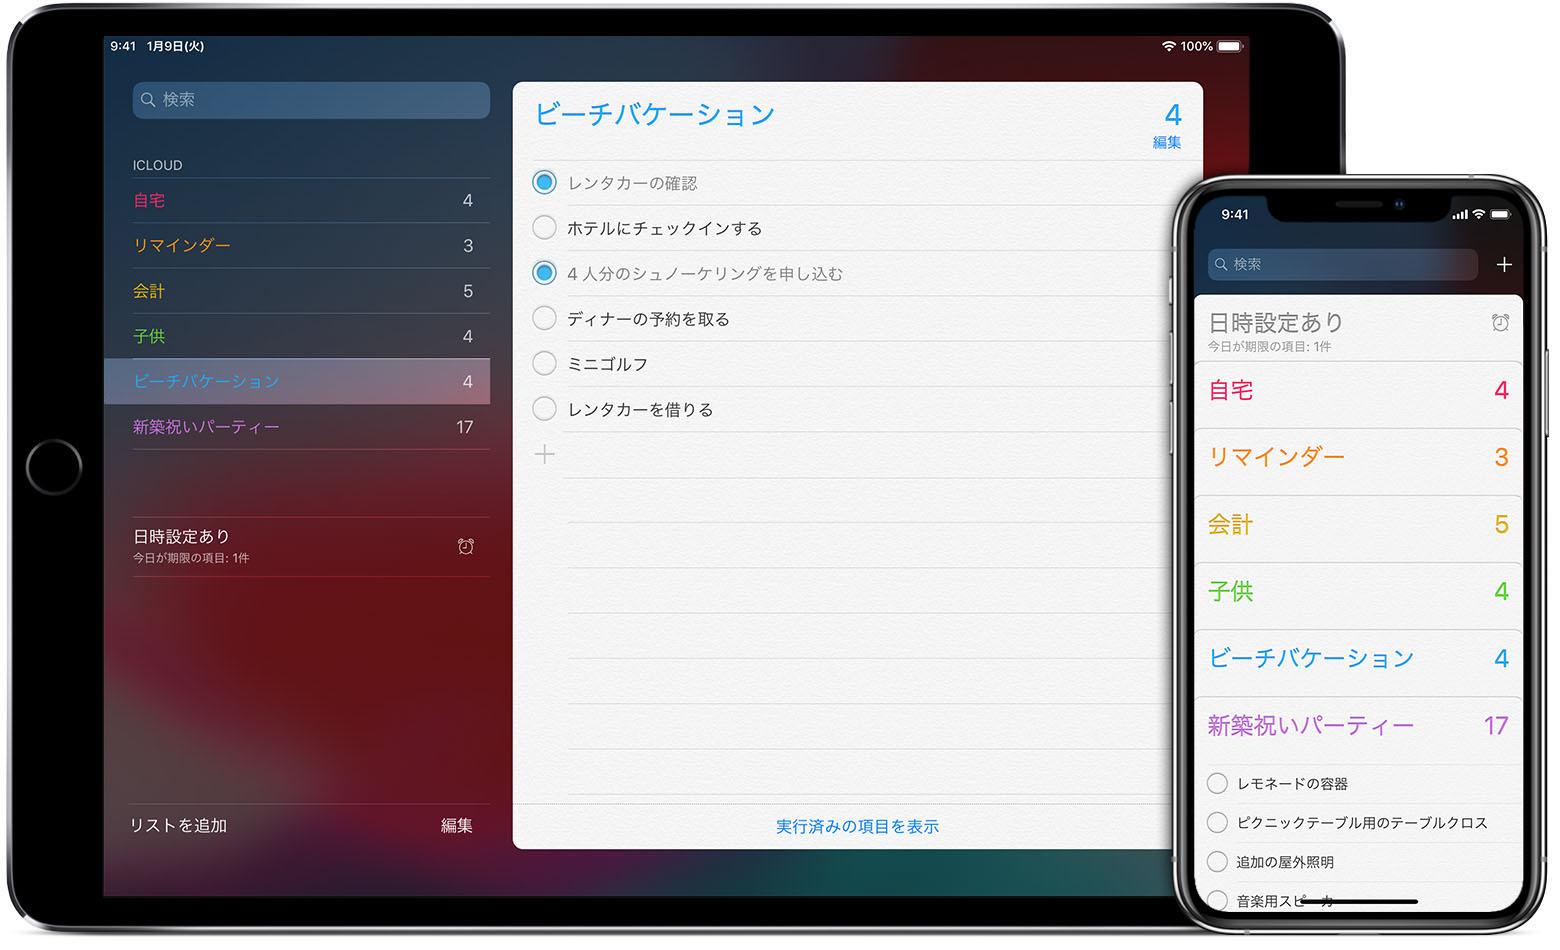 d58b3efd62 iPhone、iPad、iPod touch でリマインダーを使う - Apple サポート